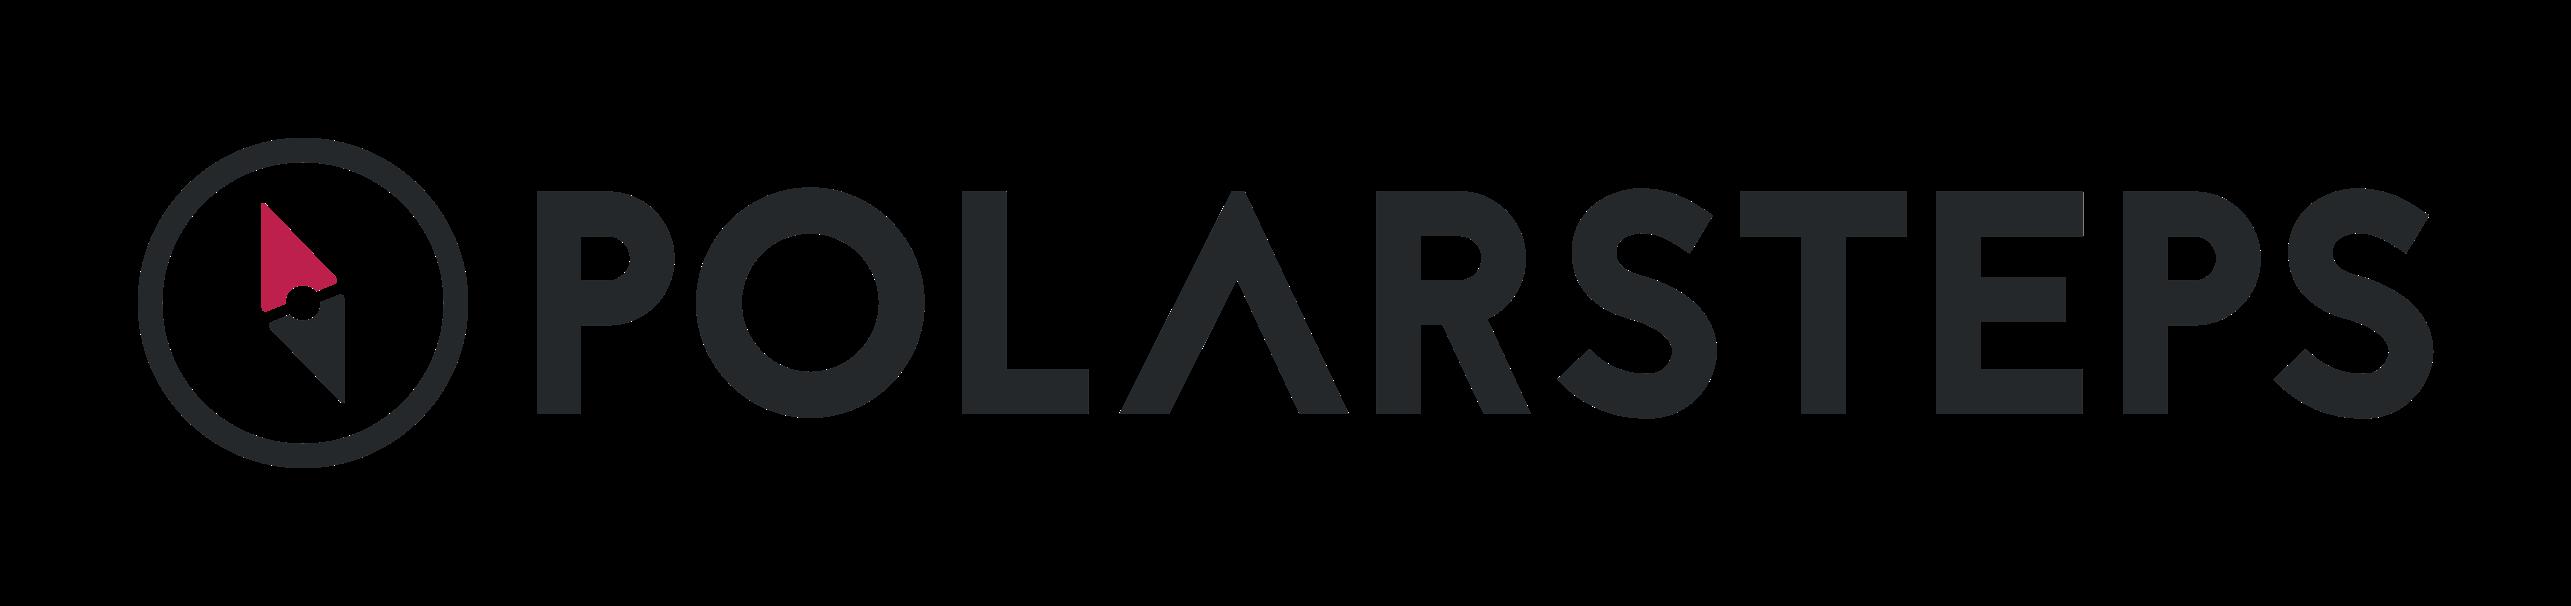 Polarsteps_Logo